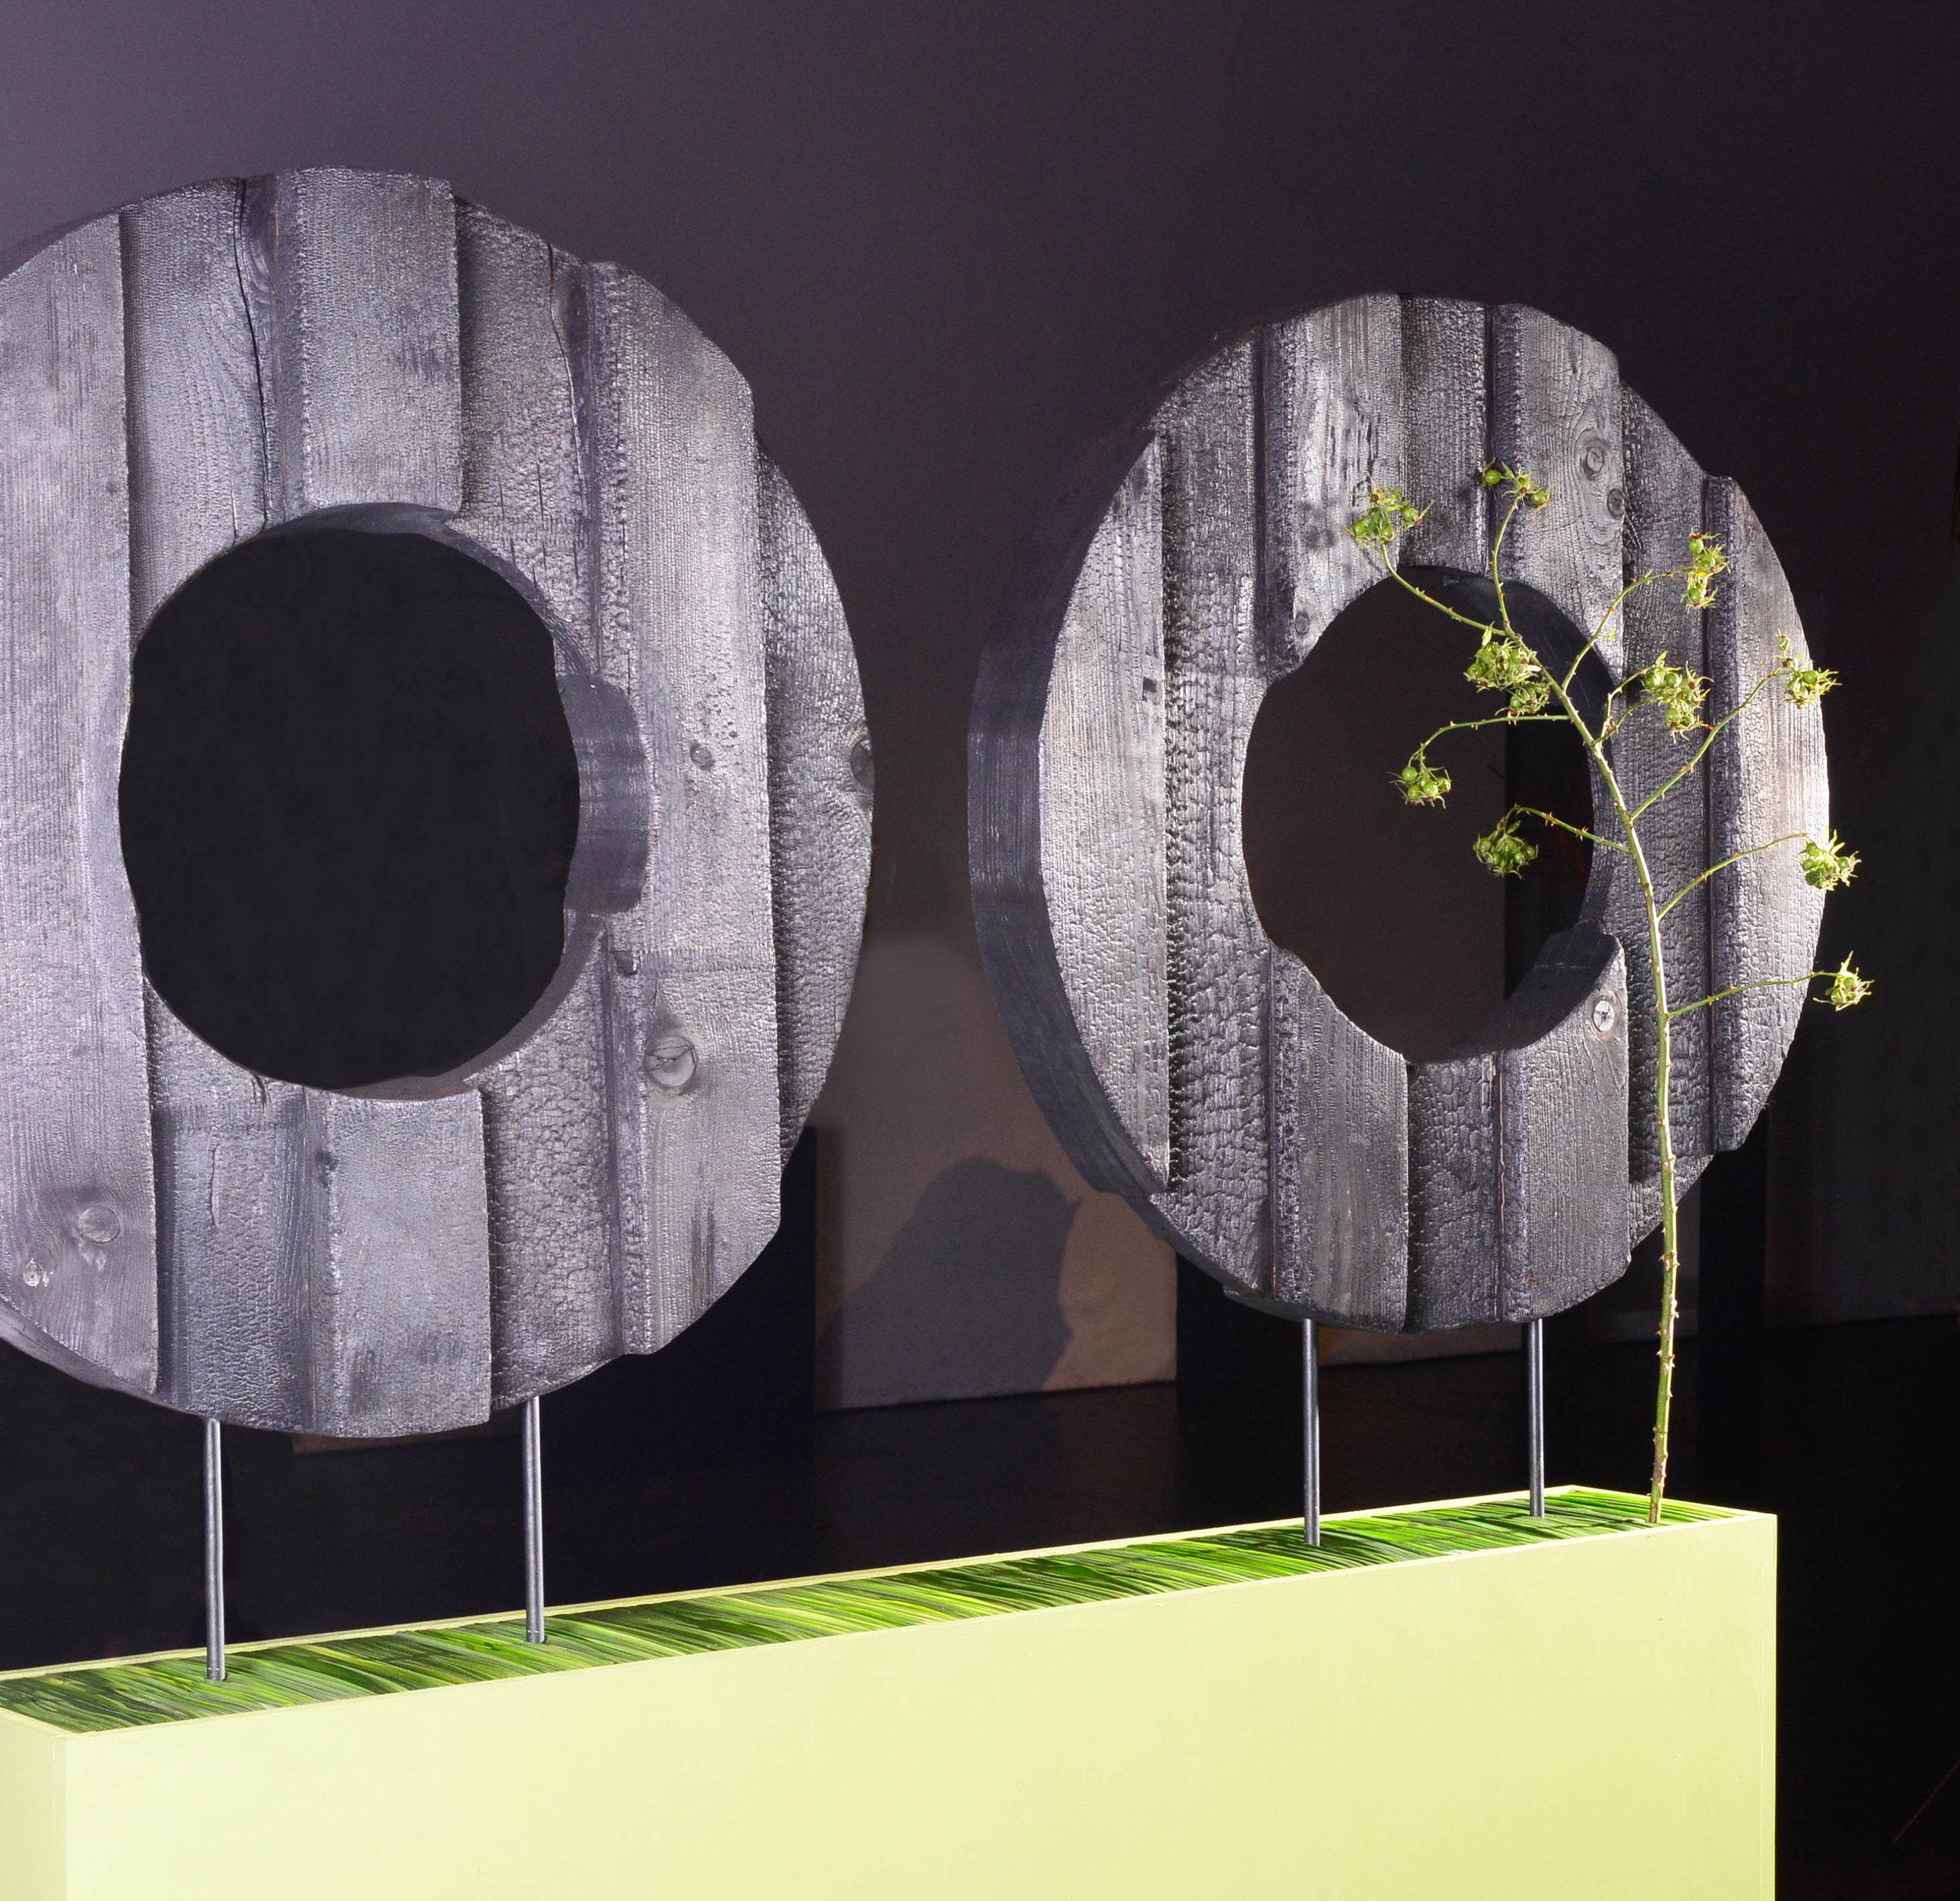 Verkohlte Ringformen dienten Elisa Zwick dazu, das Vergängliche sichtbar zu machen. Zart grüne Ranken wiesen auf das Vorangegangene hin.